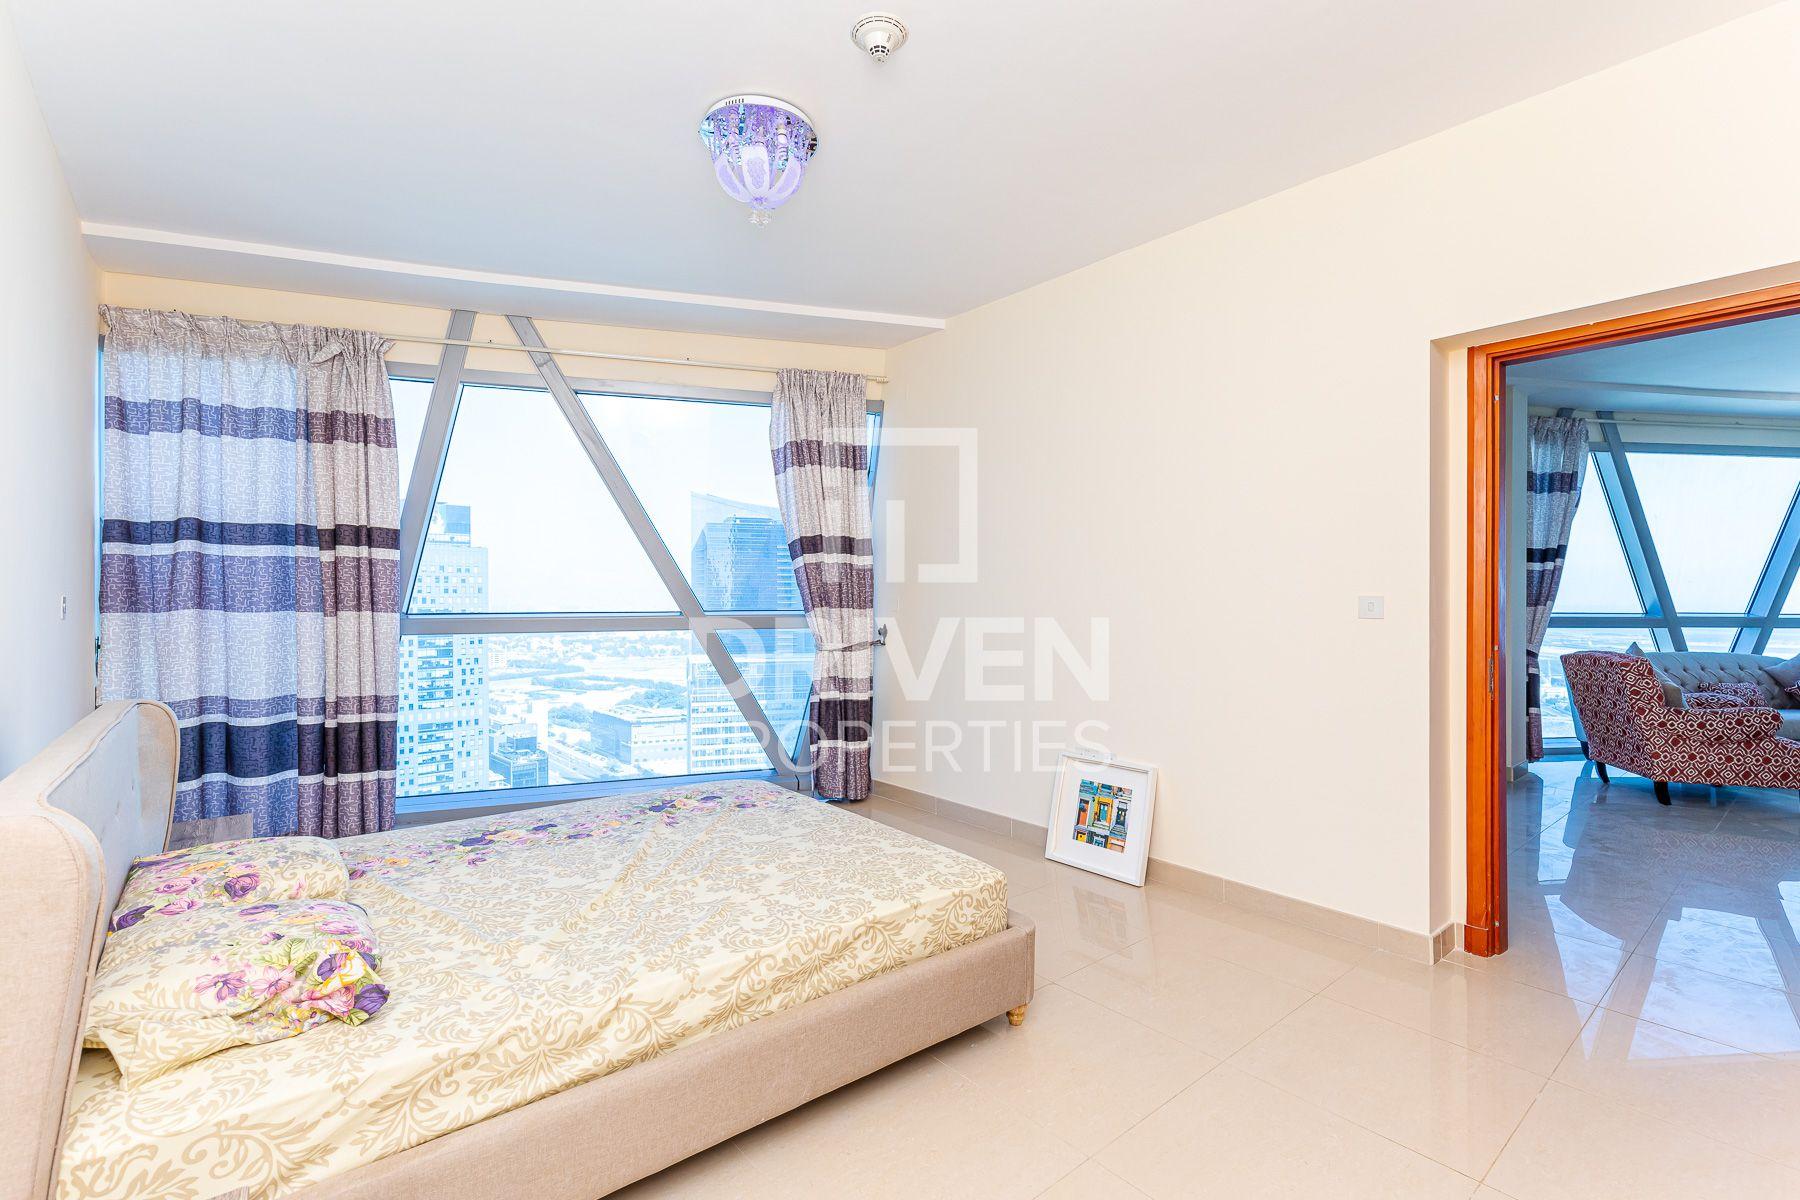 1,400 قدم مربع  شقة - للايجار - مركز دبي المالي العالمي